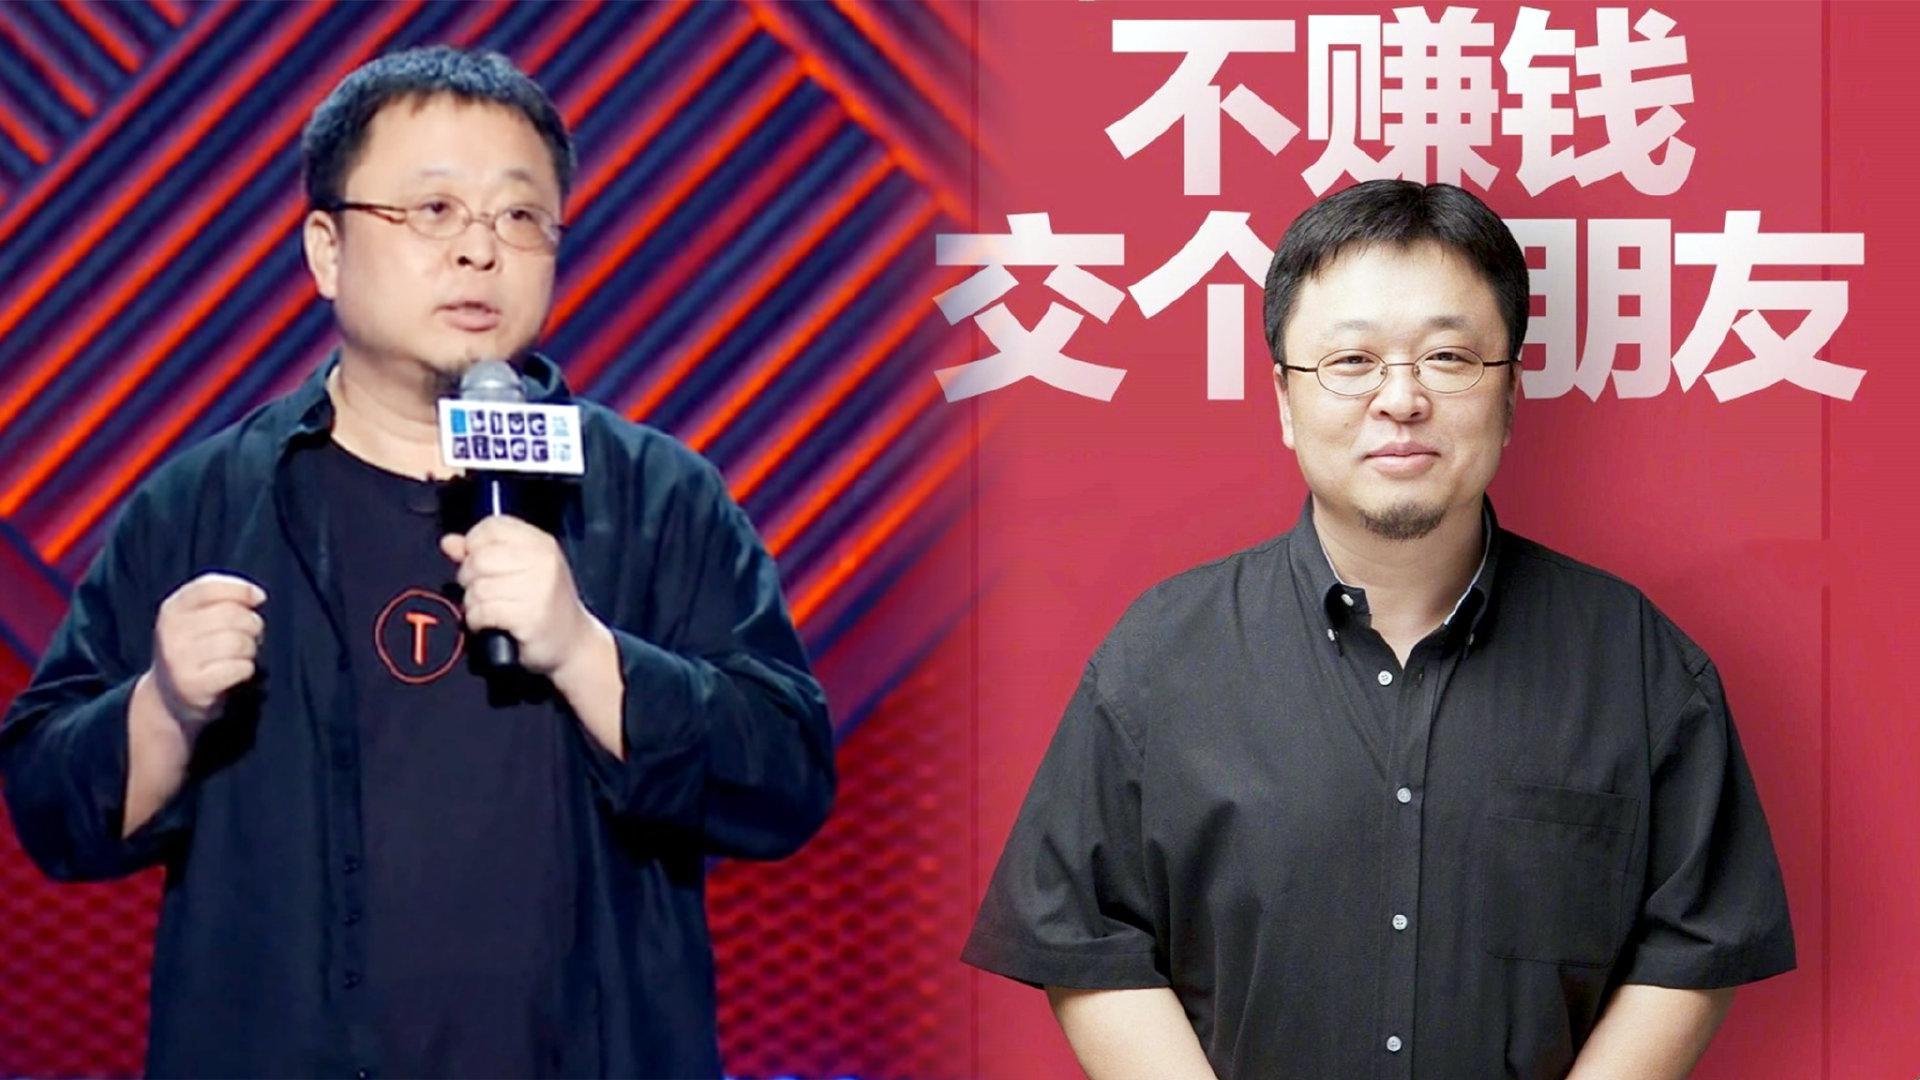 罗永浩称还债近4个亿,被调侃是牛皮大王,官方站出来为其作证